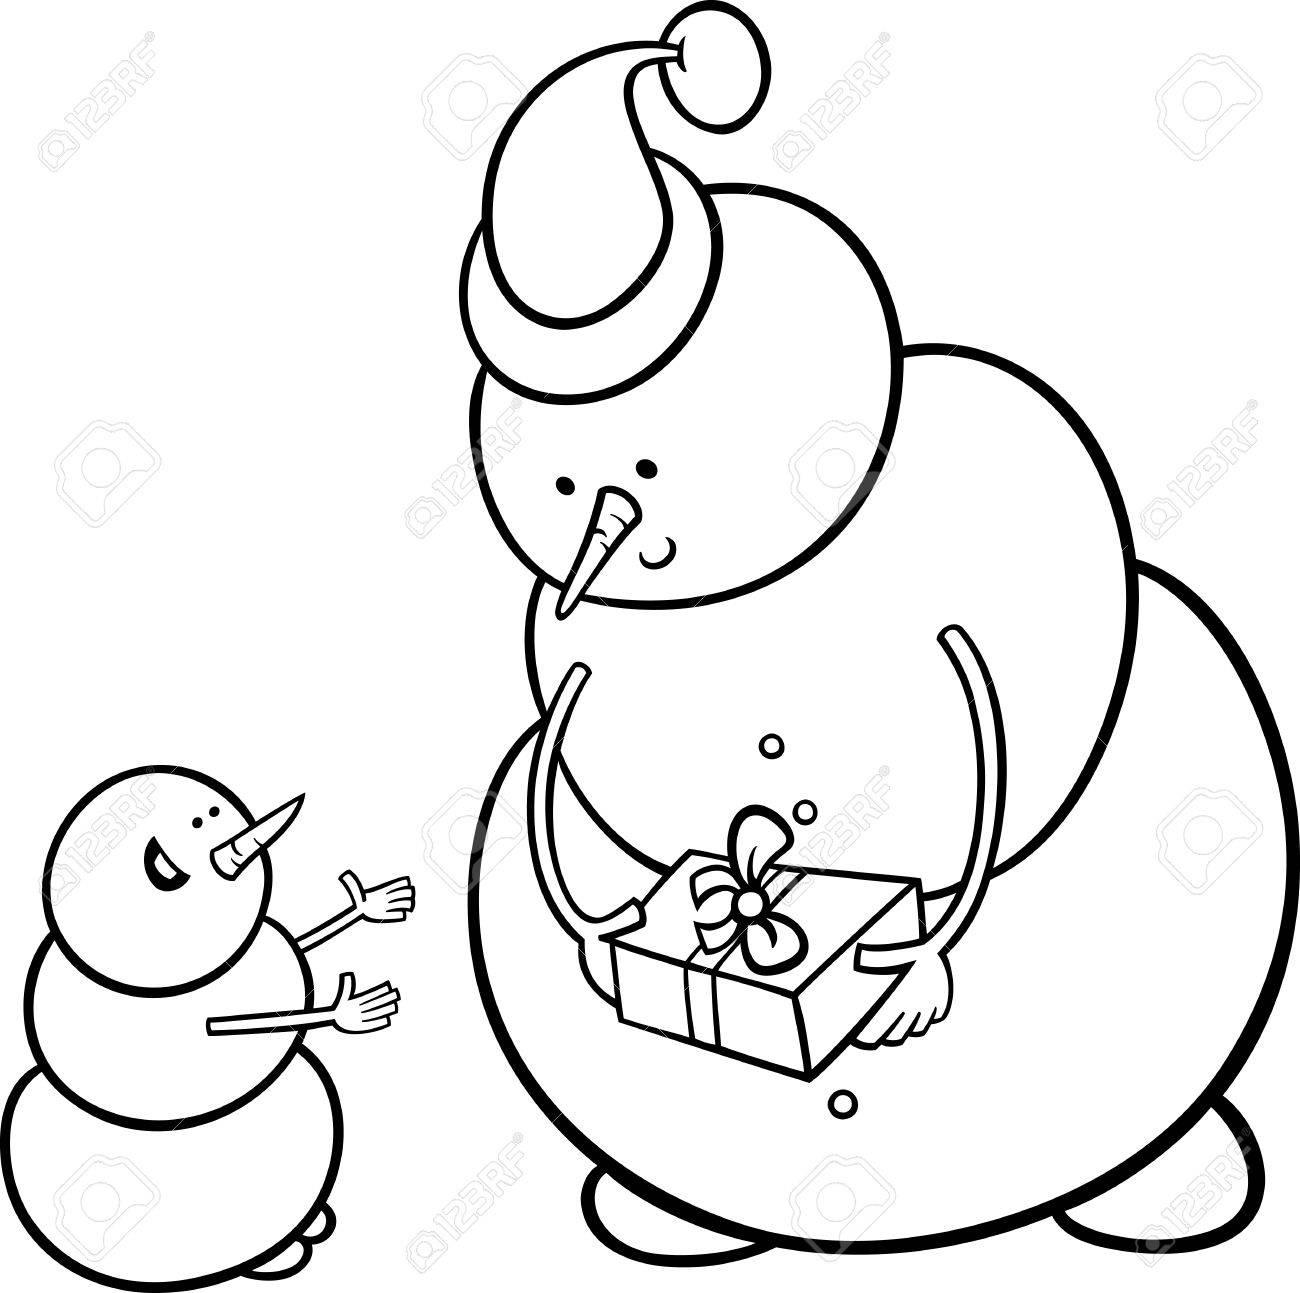 Immagini Di Babbo Natale In Bianco E Nero.Bianco E Nero Fumetto Illustrazione Del Pupazzo Di Babbo Natale Che Da Carattere Regalo Di Natale O Regalo A Little One For Coloring Book